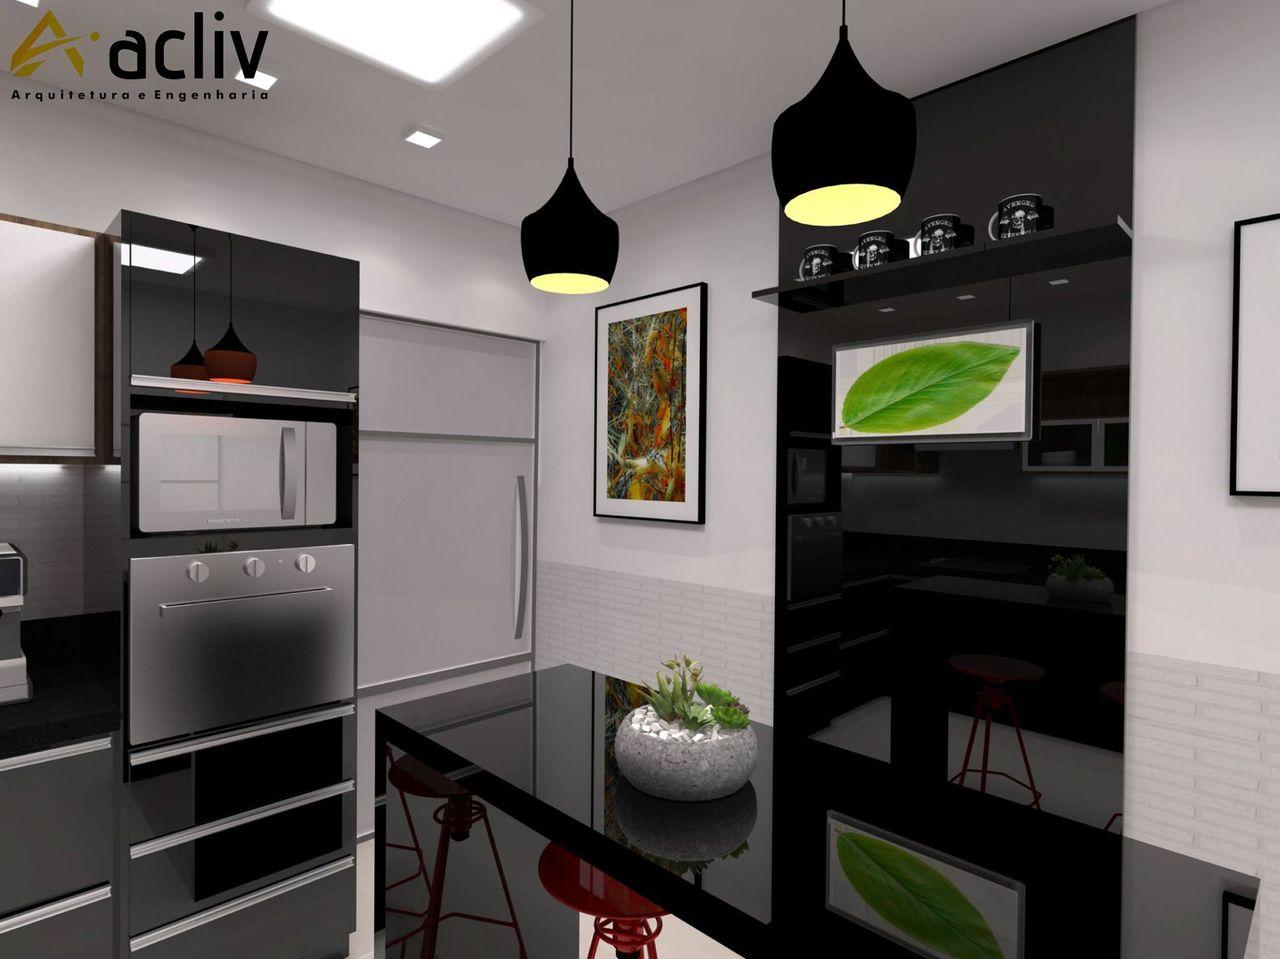 Cozinha Preta E Branca E Quadro Decorativo De Acliv Arquitetura E